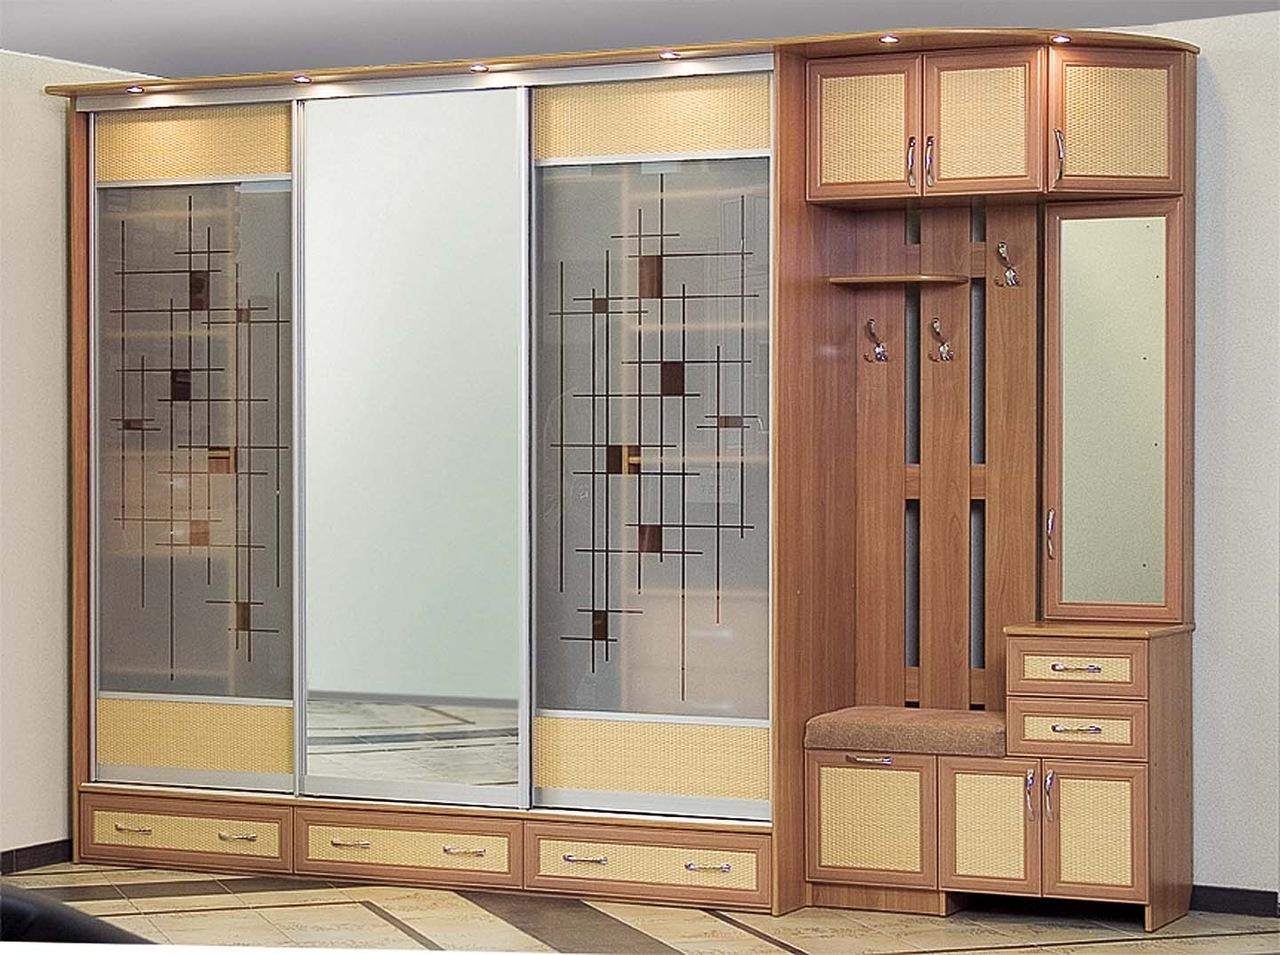 Шкаф купе трехдверный, форма, размеры, а также преимущества .